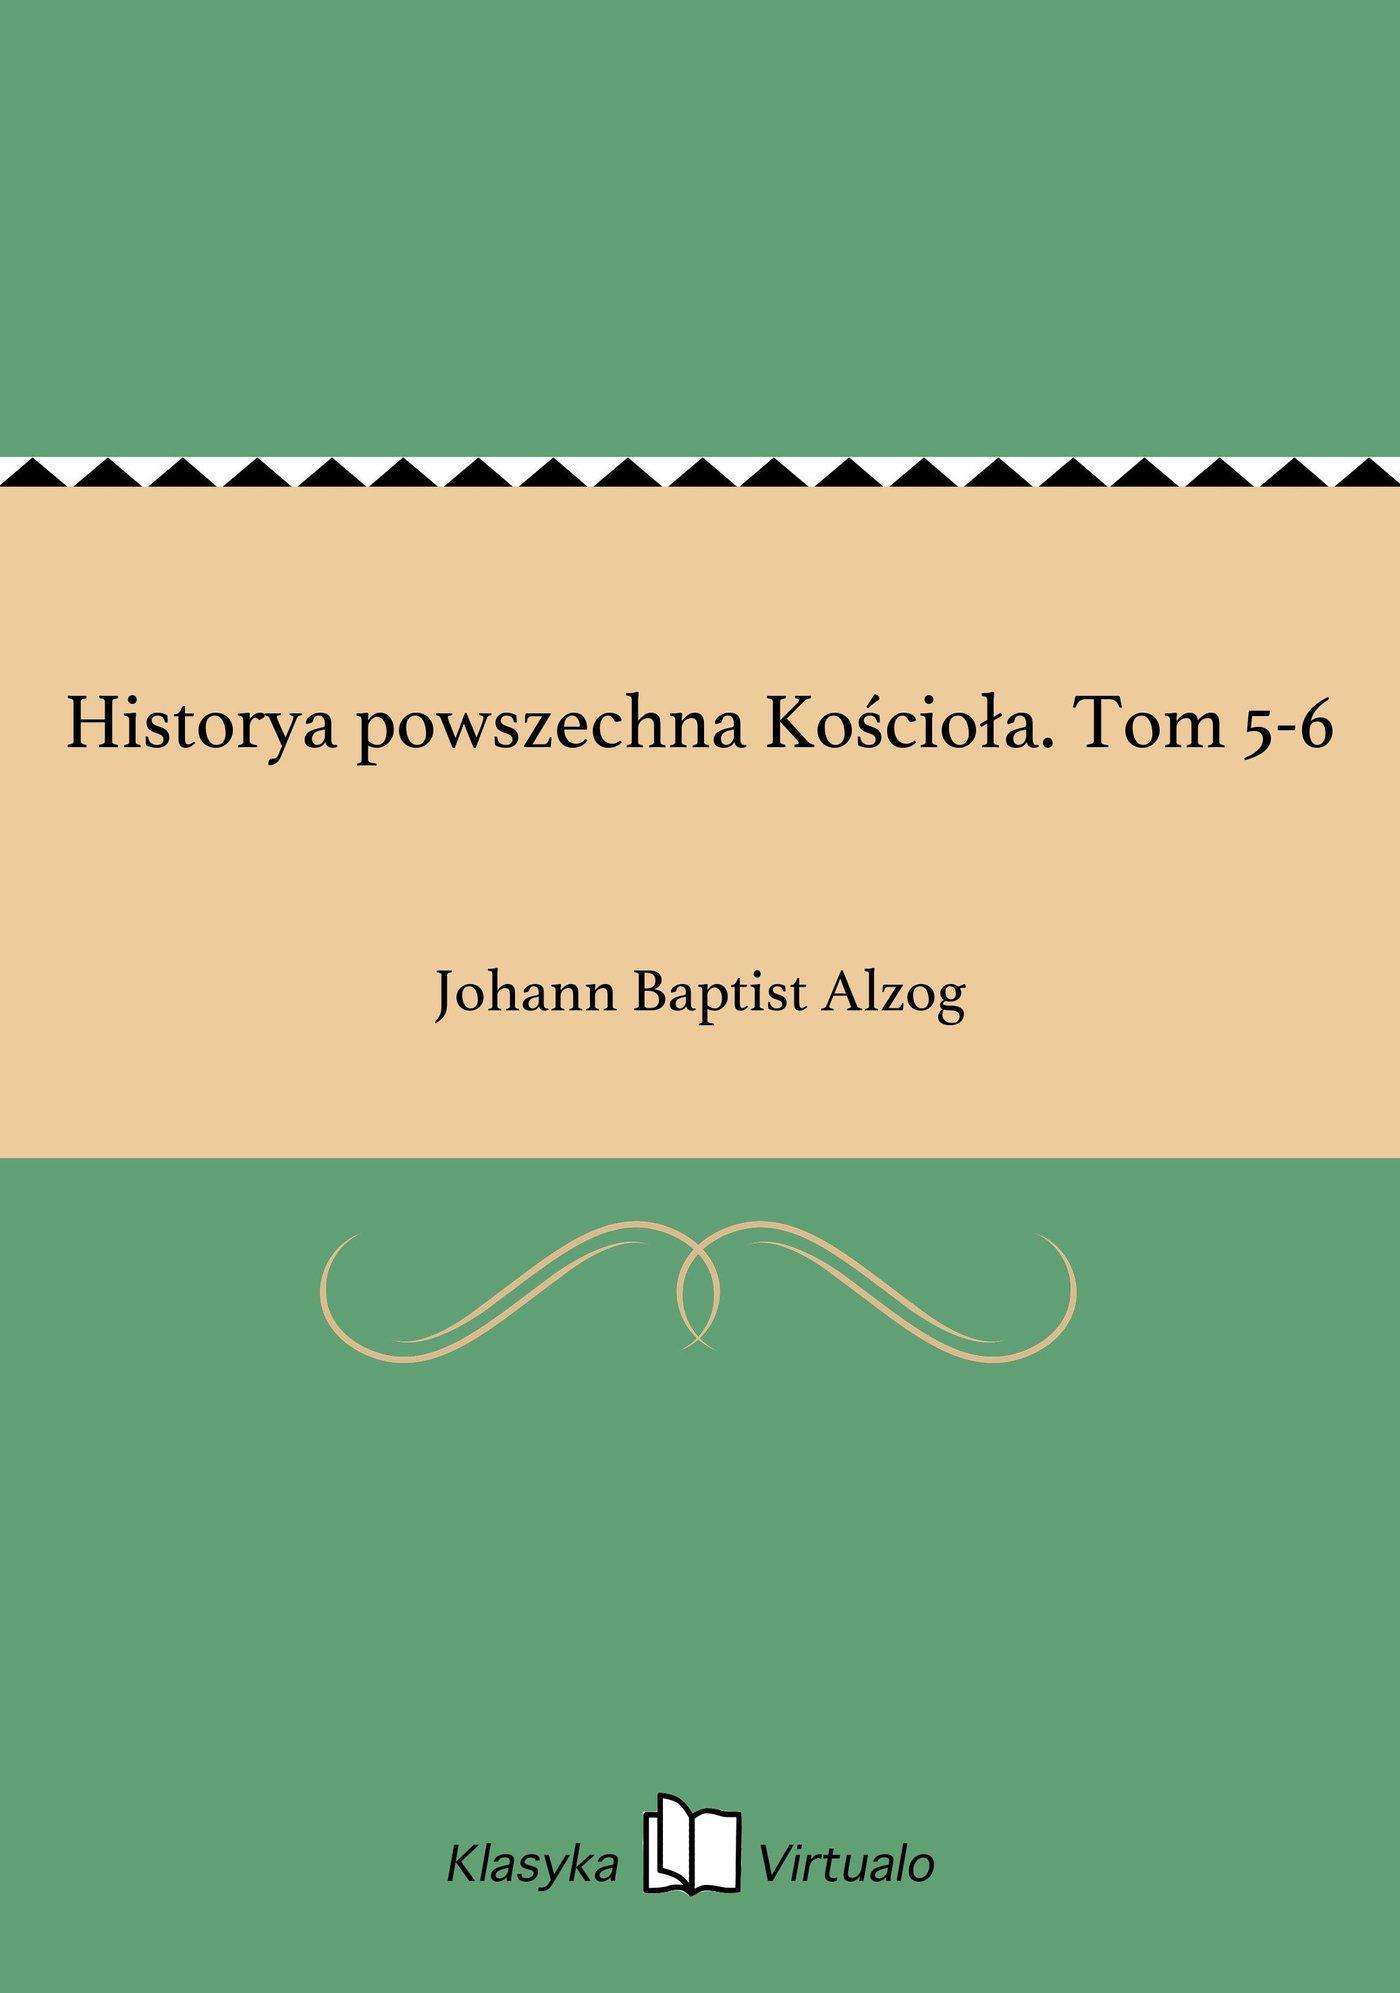 Historya powszechna Kościoła. Tom 5-6 - Ebook (Książka EPUB) do pobrania w formacie EPUB